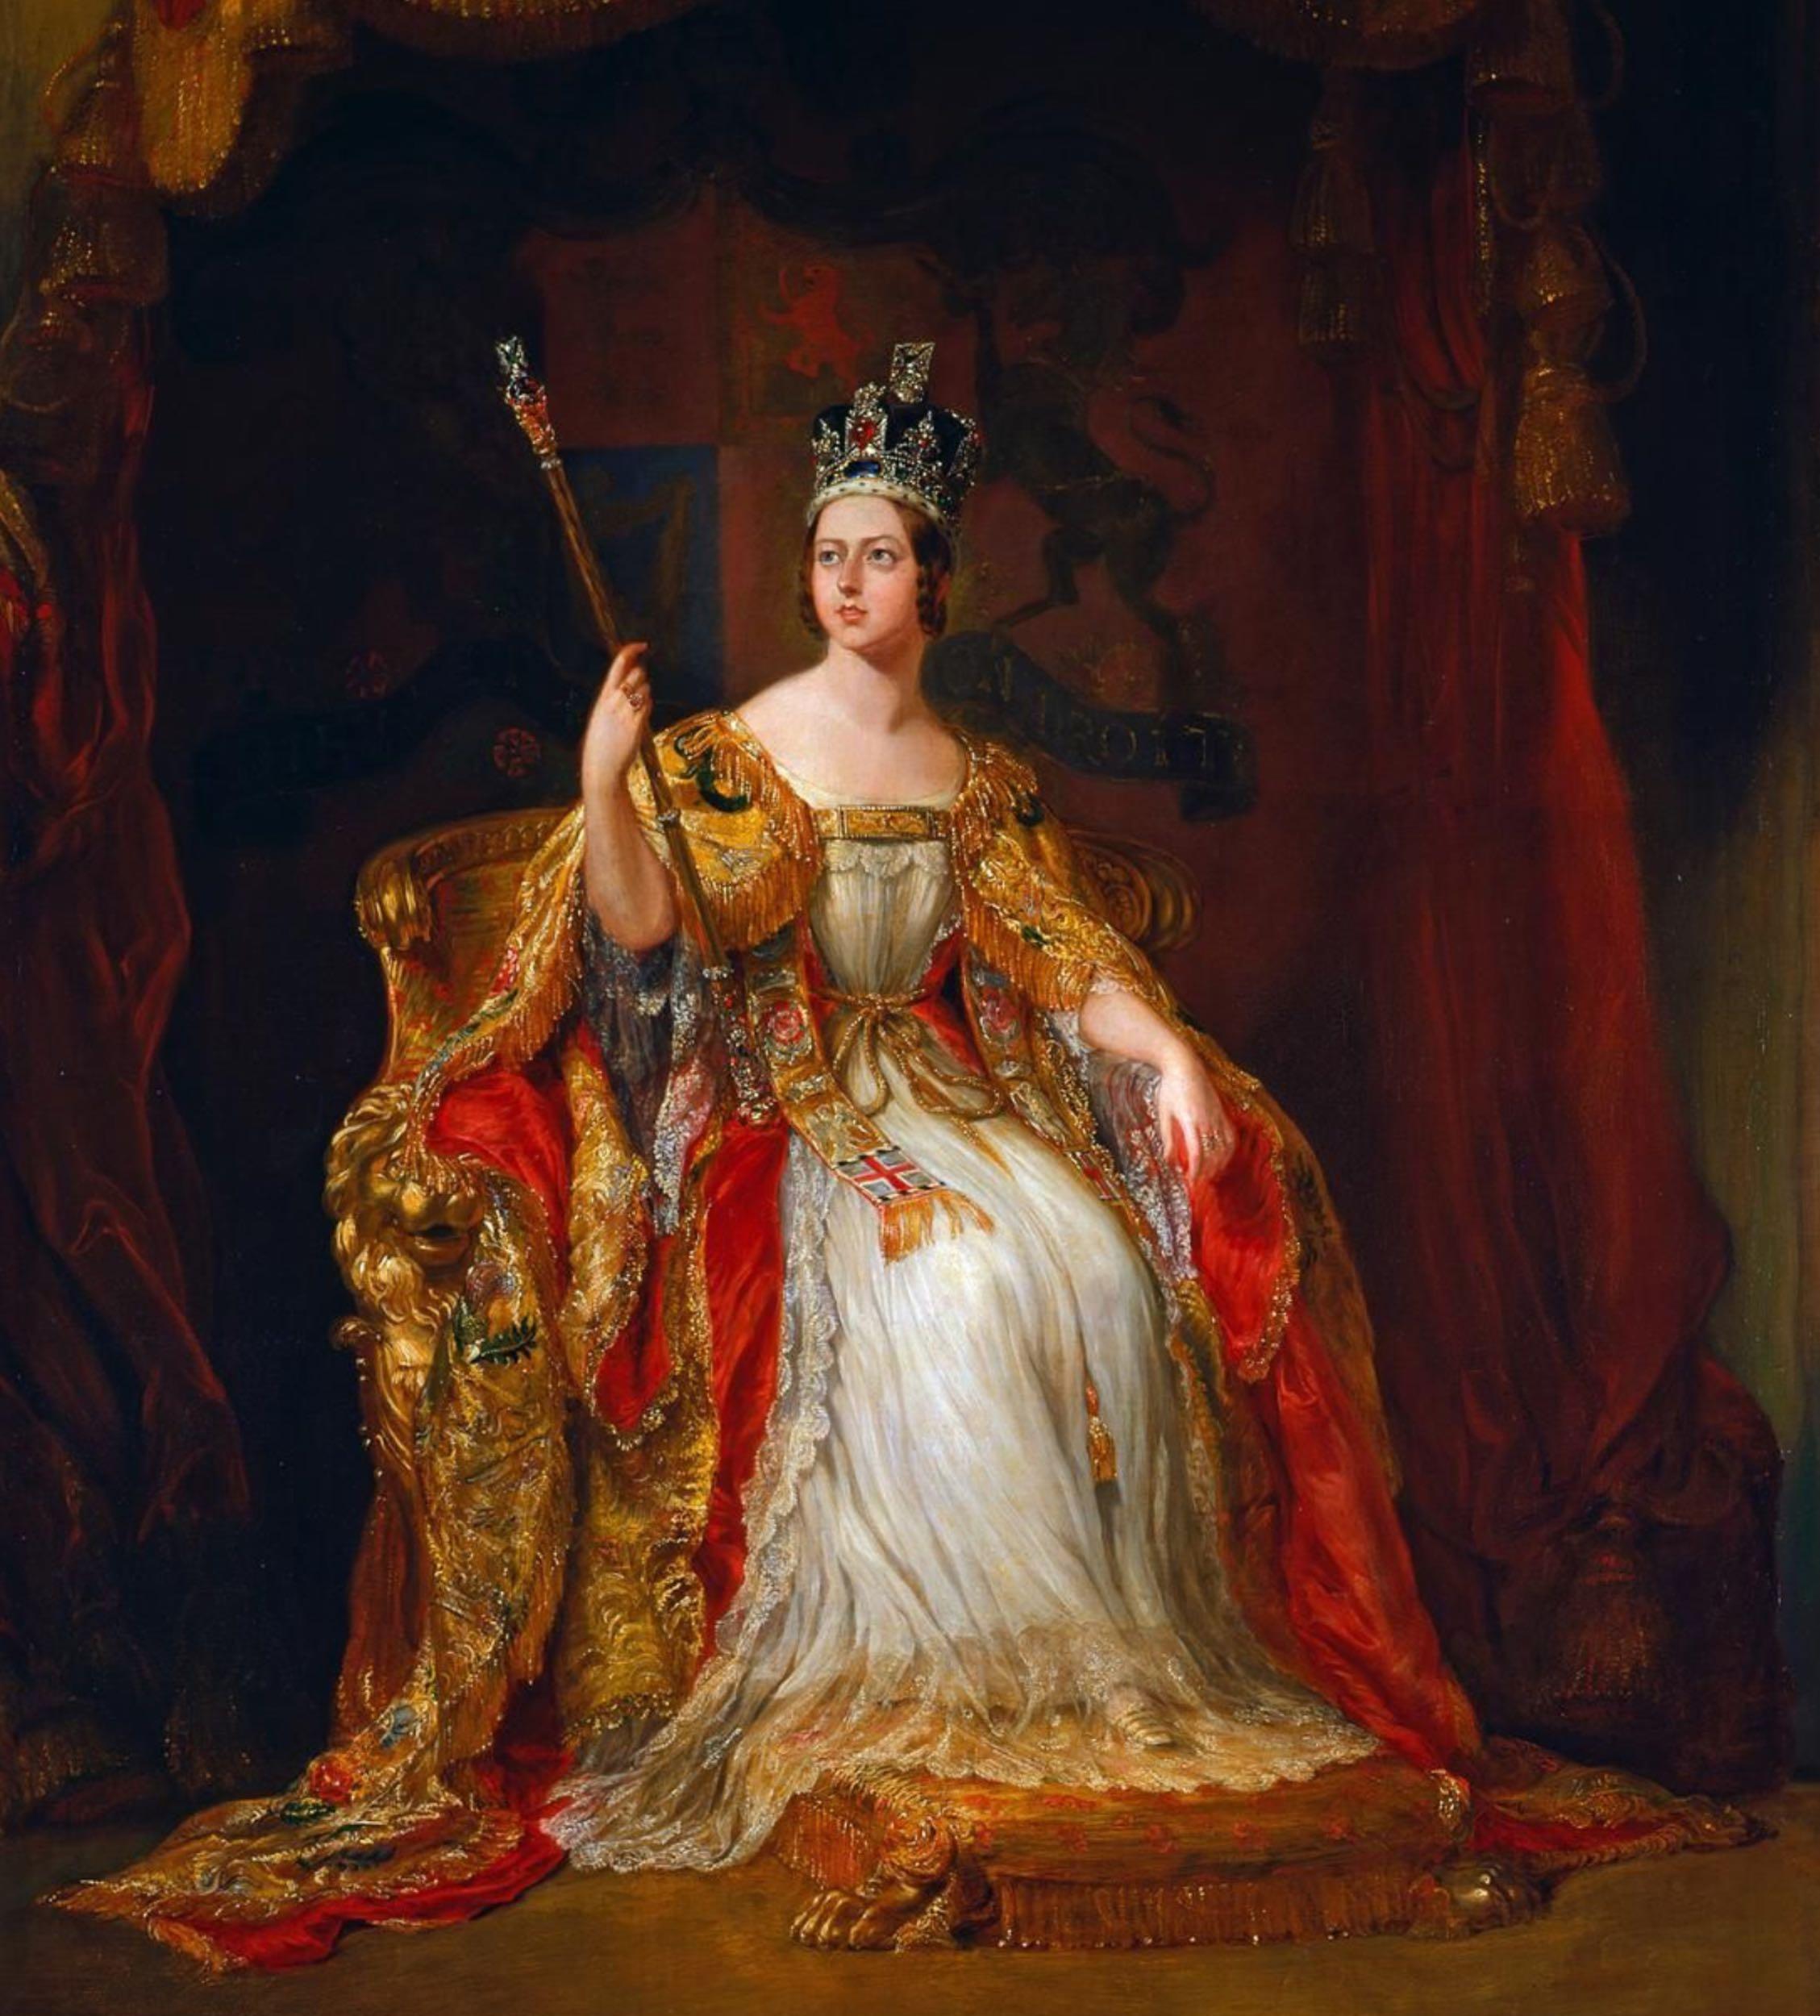 Coronation portrait of Queen Victoria - Hayter.jpg